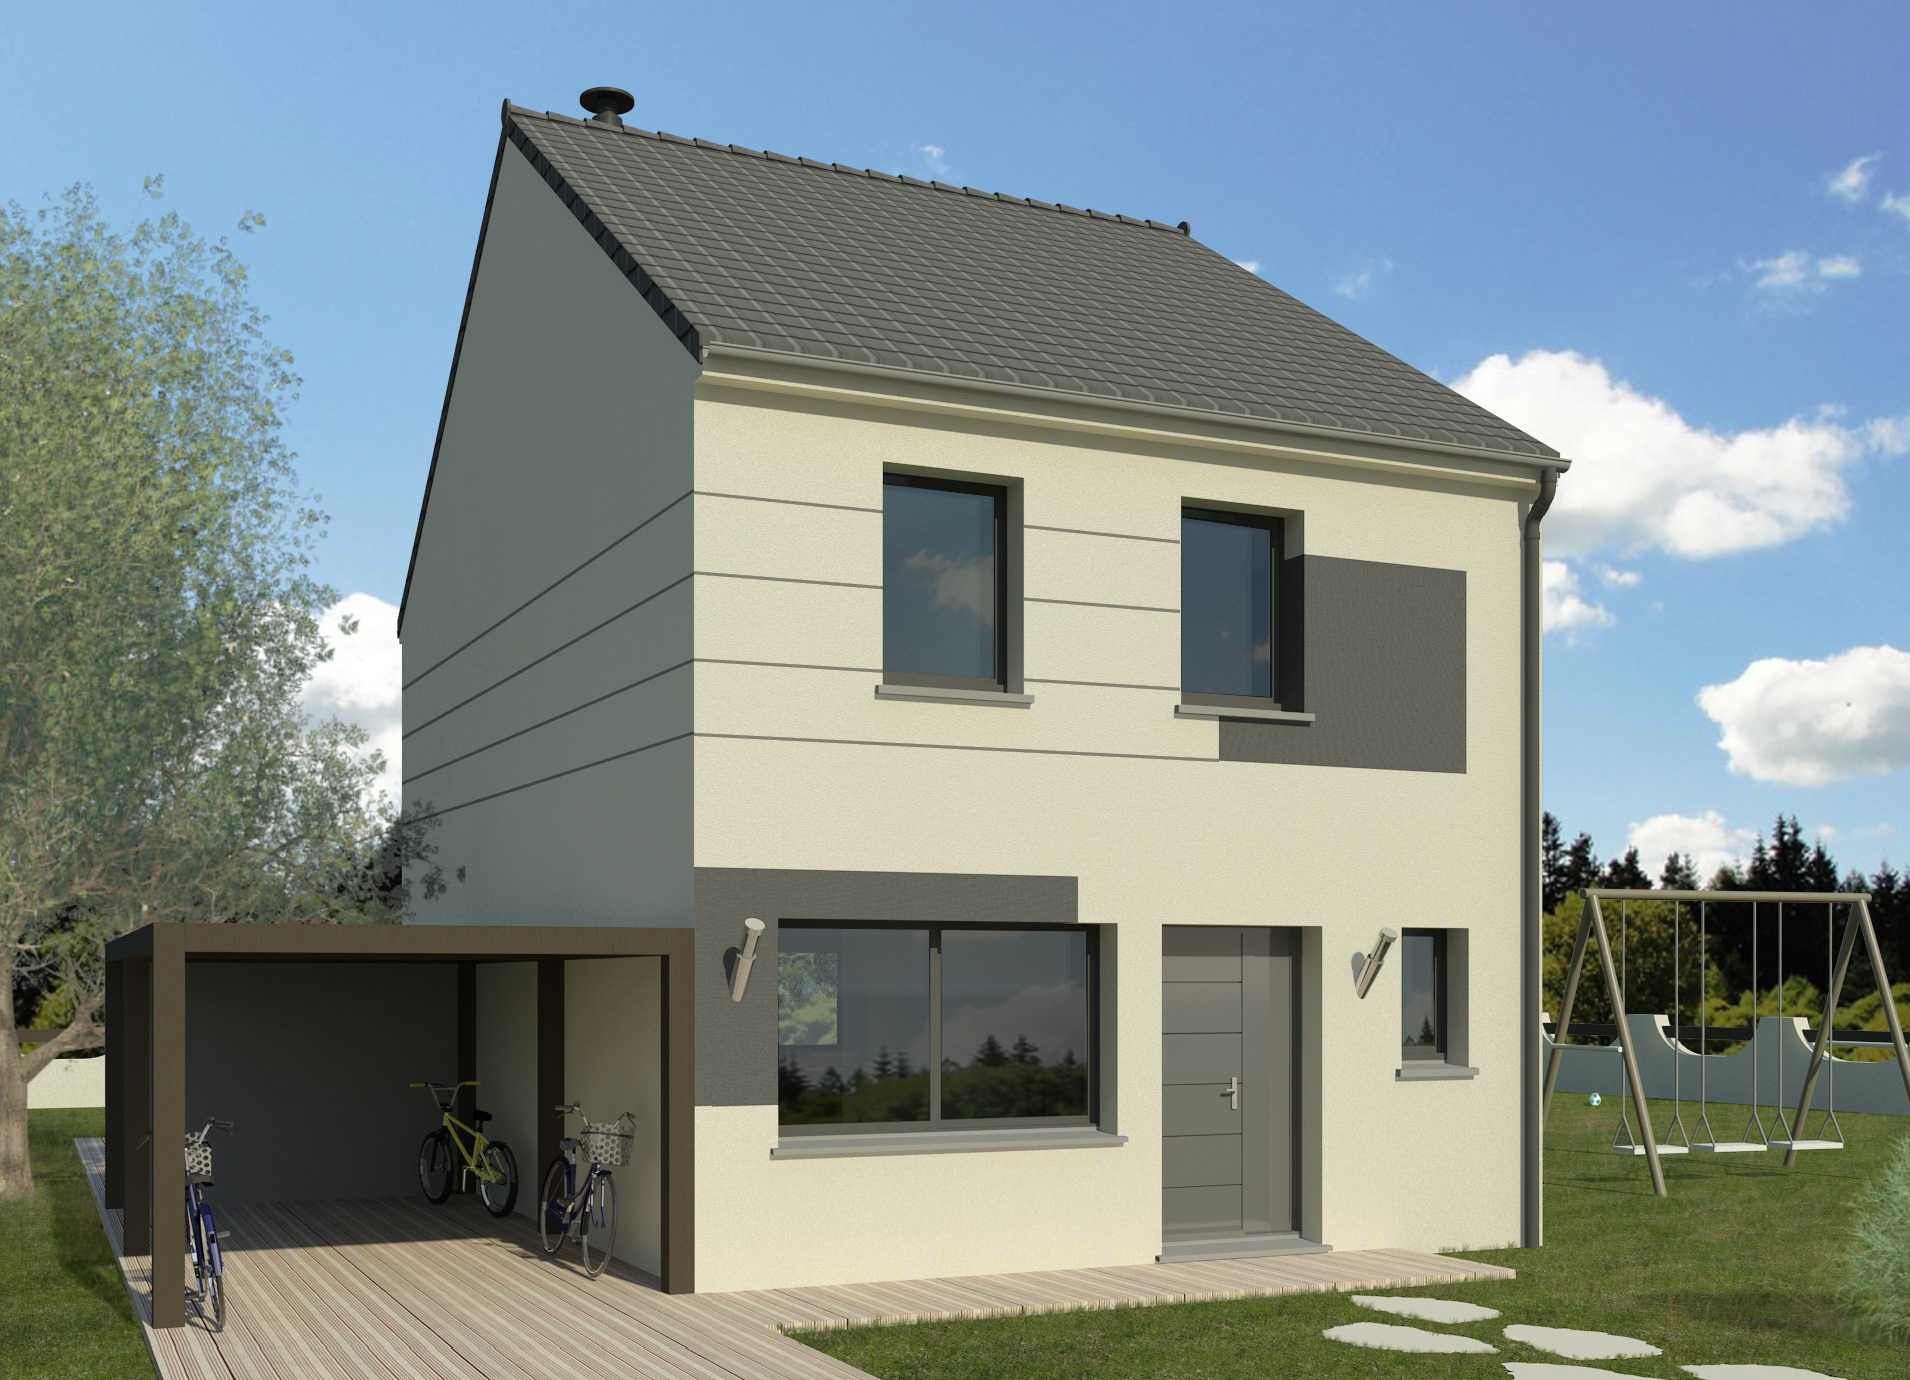 Maisons + Terrains du constructeur MAISON FAMILIALE COIGNIERES • 110 m² • ELANCOURT